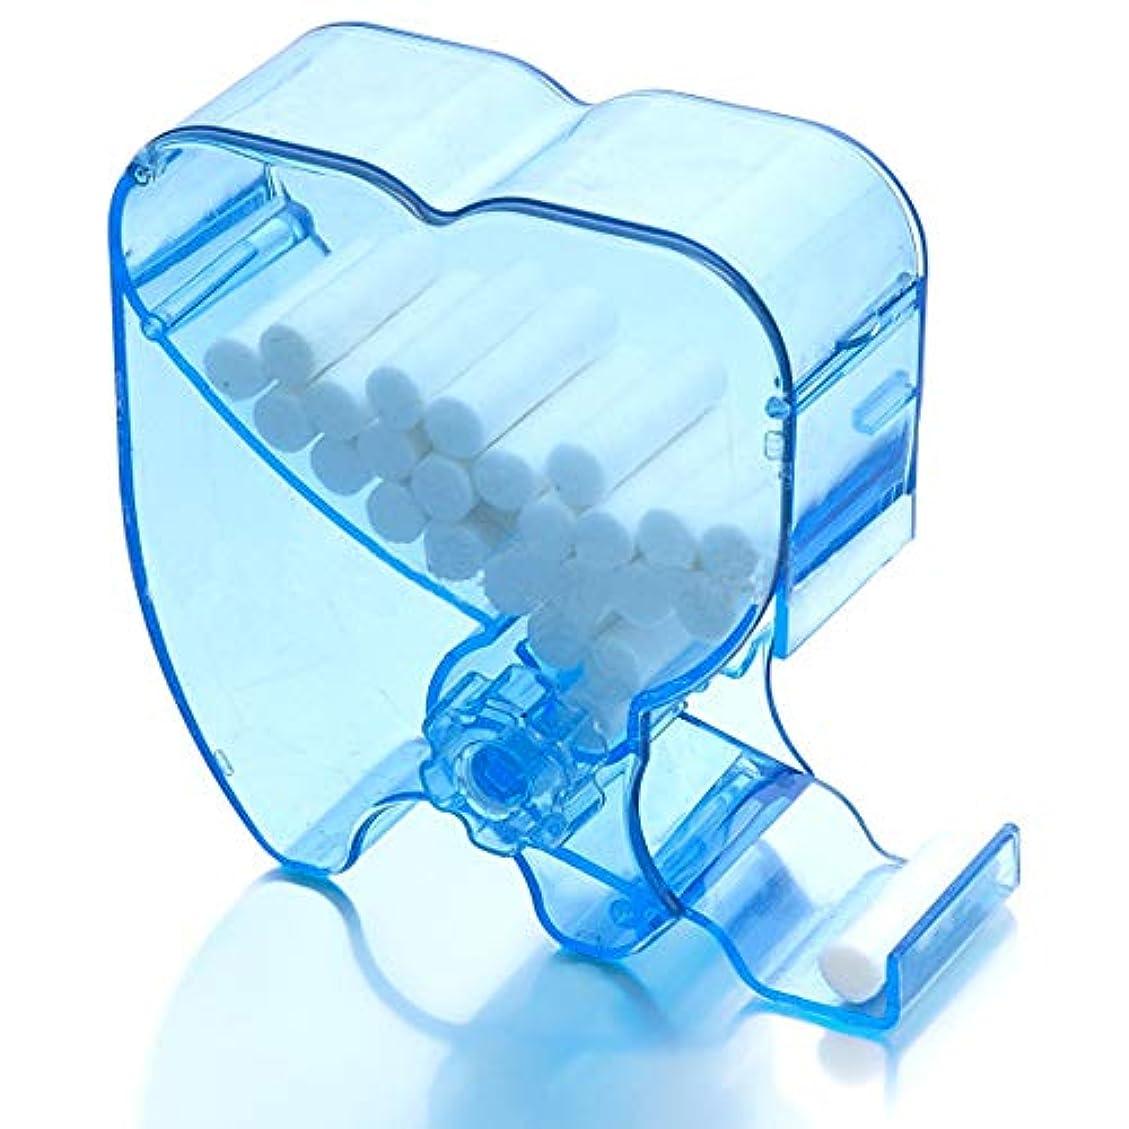 コジオスコかもめ予防接種歯科用 使い捨てコットンロールディスペンサーホルダー 綿棒ディスペンサー コットンロールボックス 収納ボックス プレス式 使用やすい 歯の形状 可愛い (ブルー)